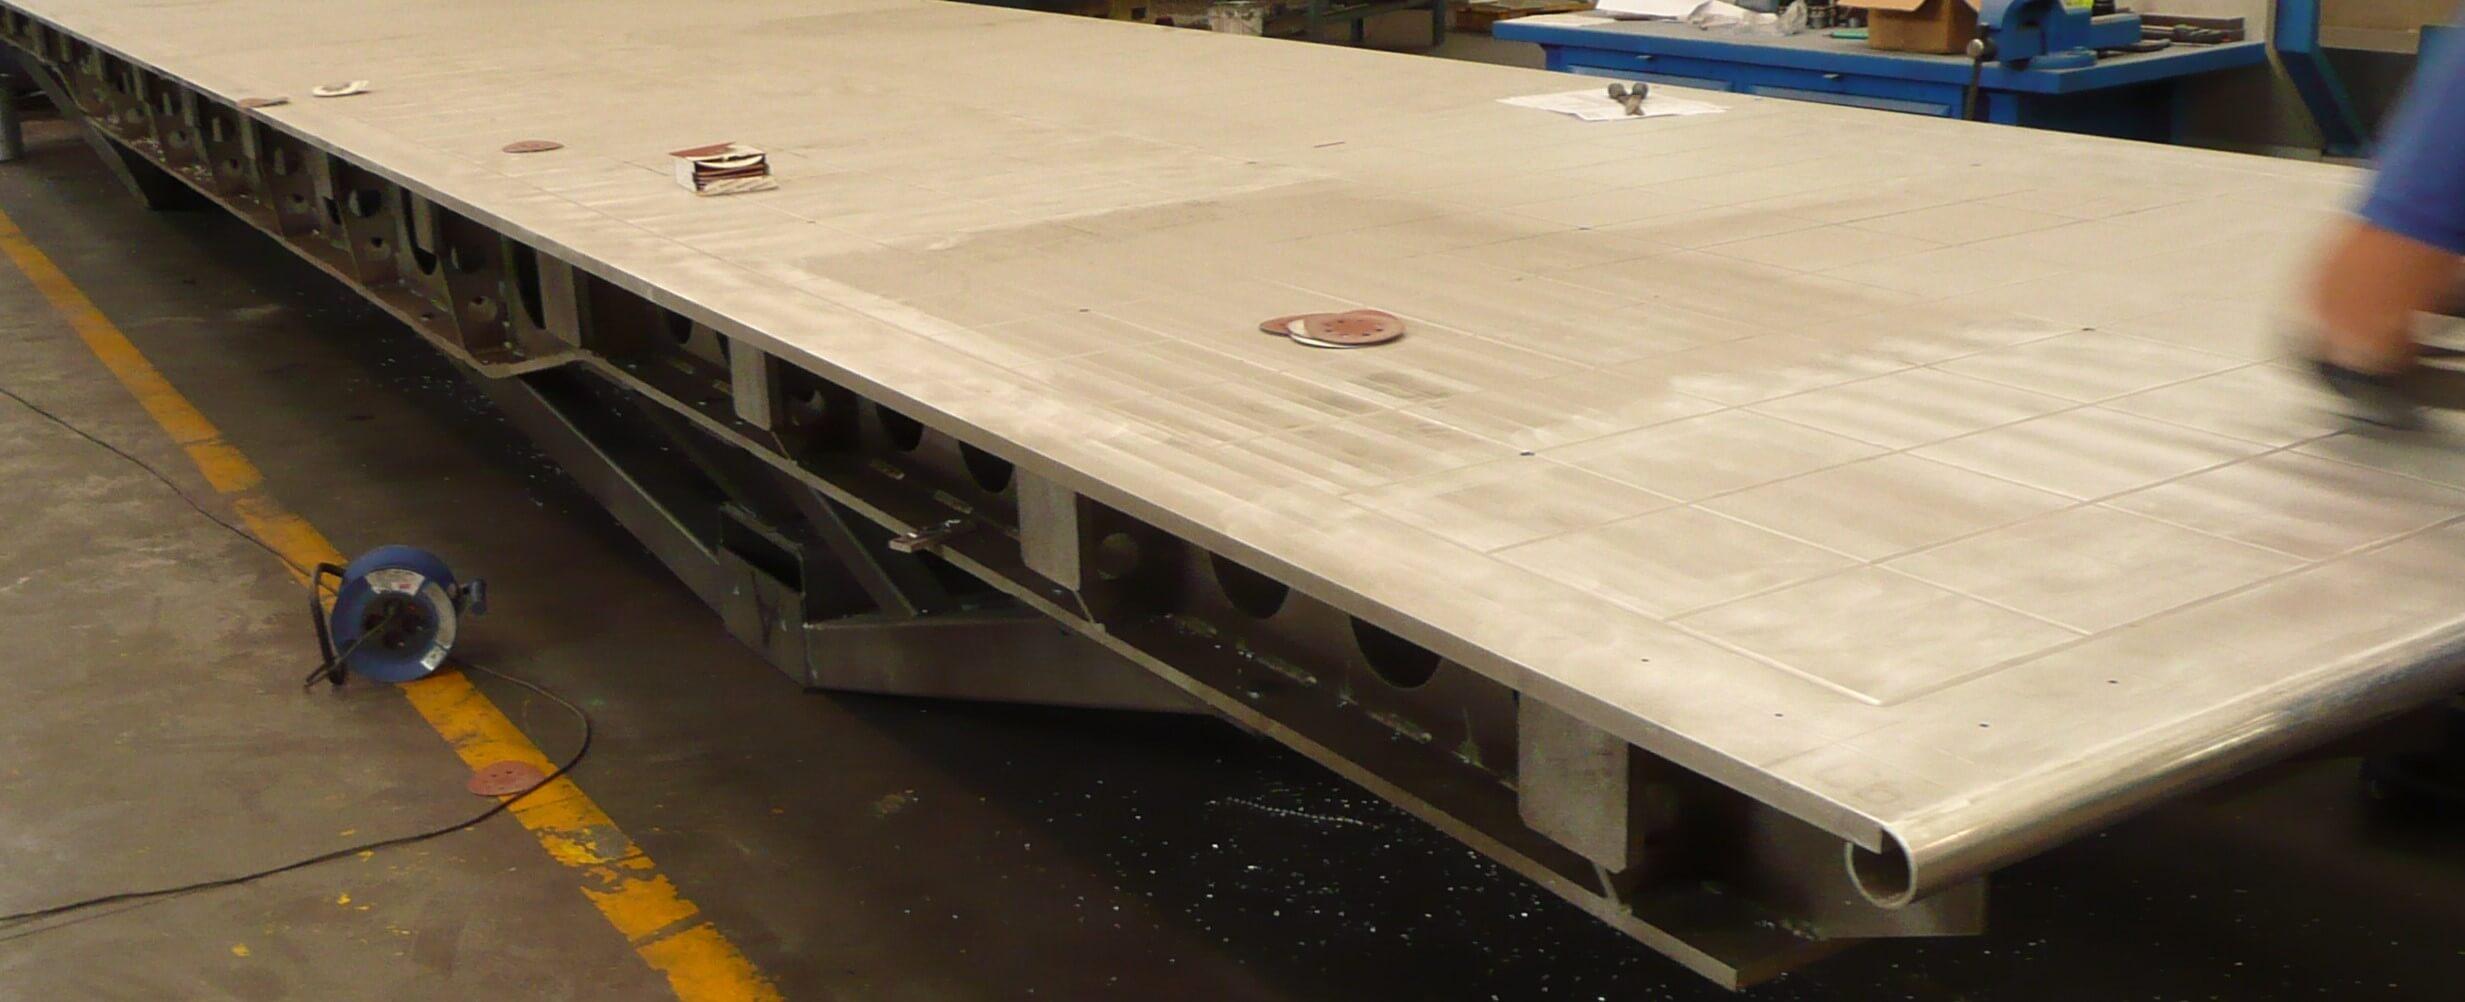 P1010005 - Mesas planas grandes dimensiones